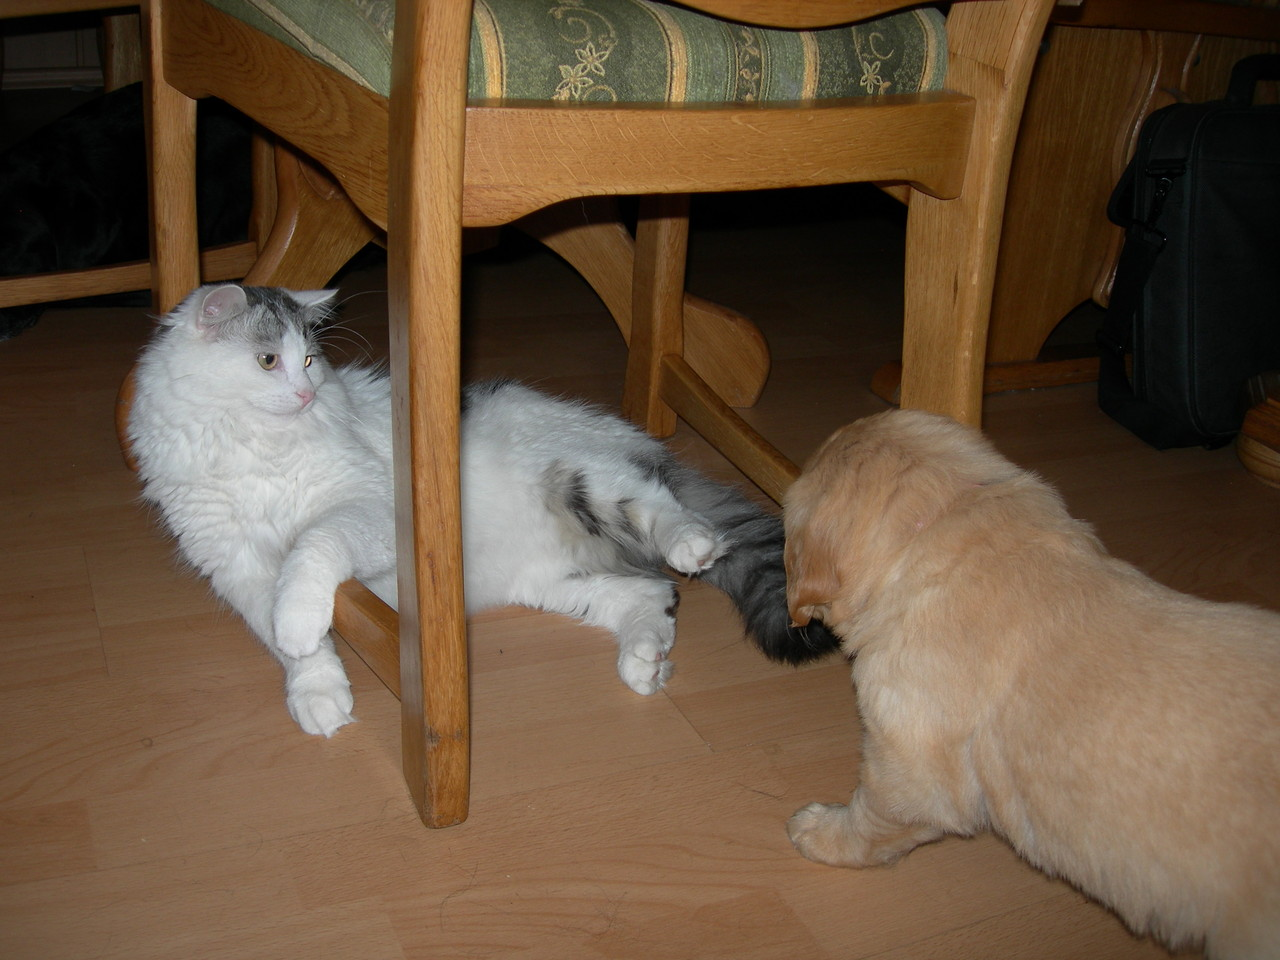 Oh ne Katze kann man die fressen?